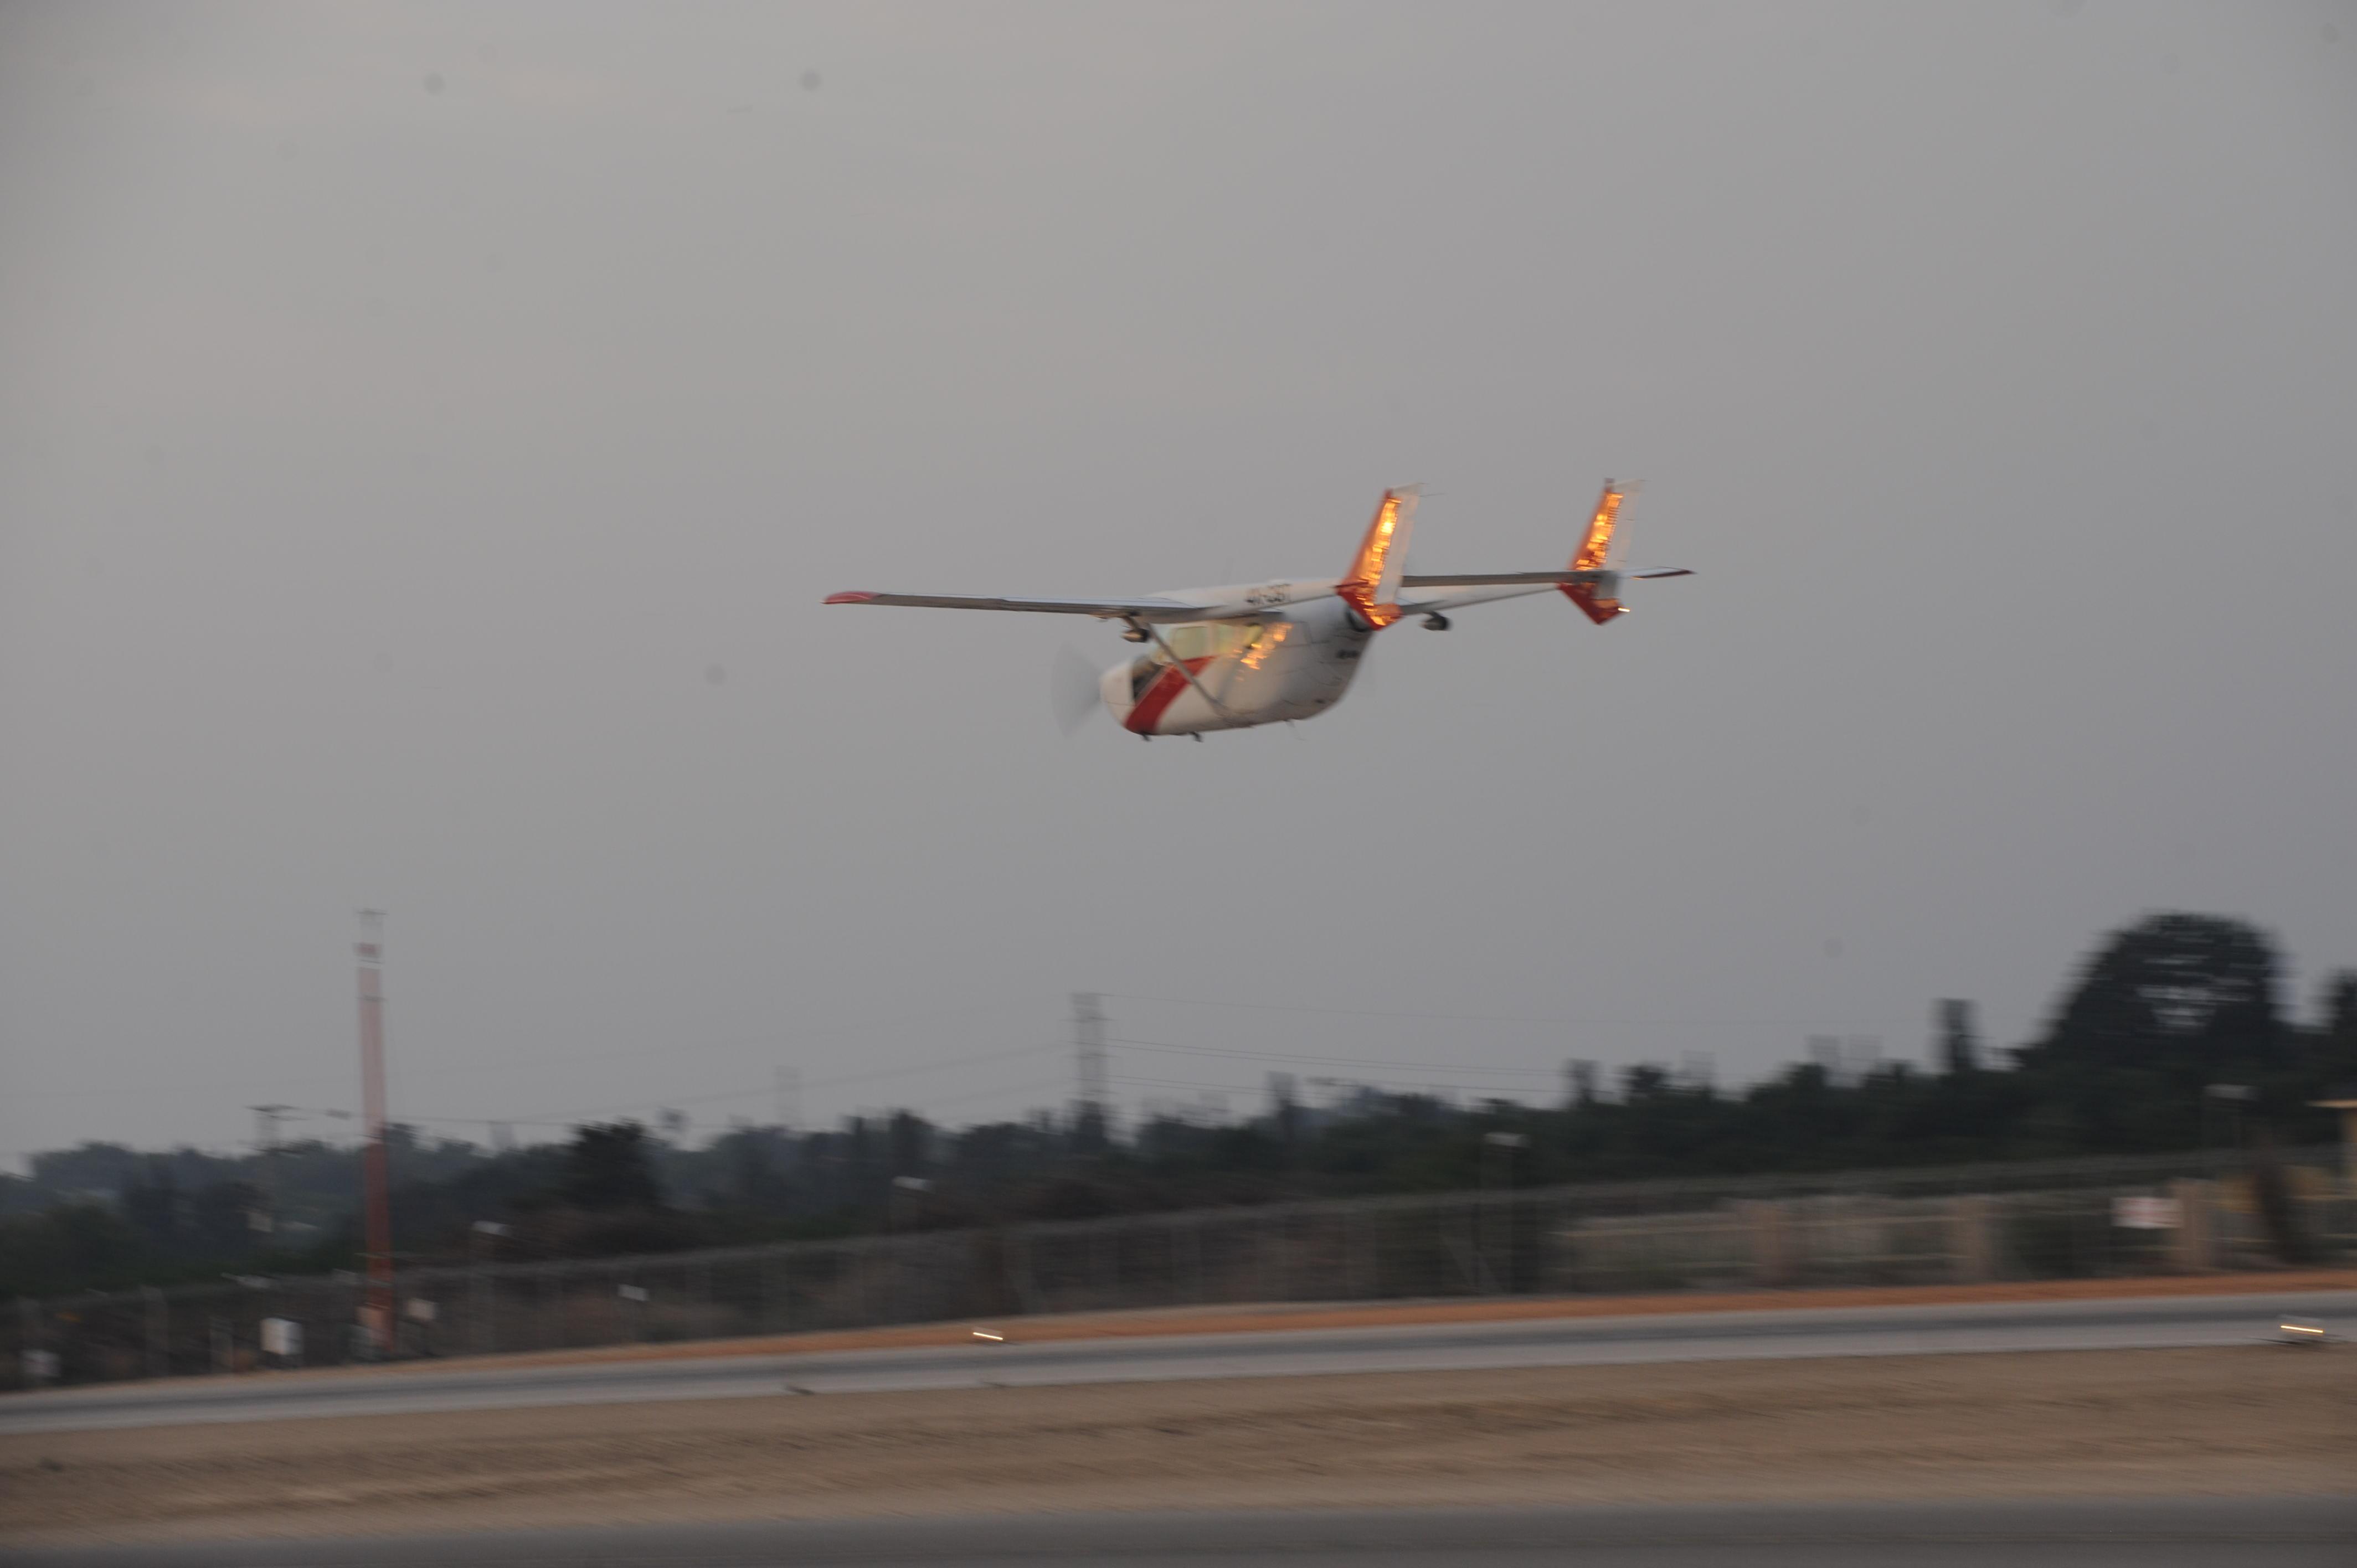 טיסת גשם מטוס דו מנועי